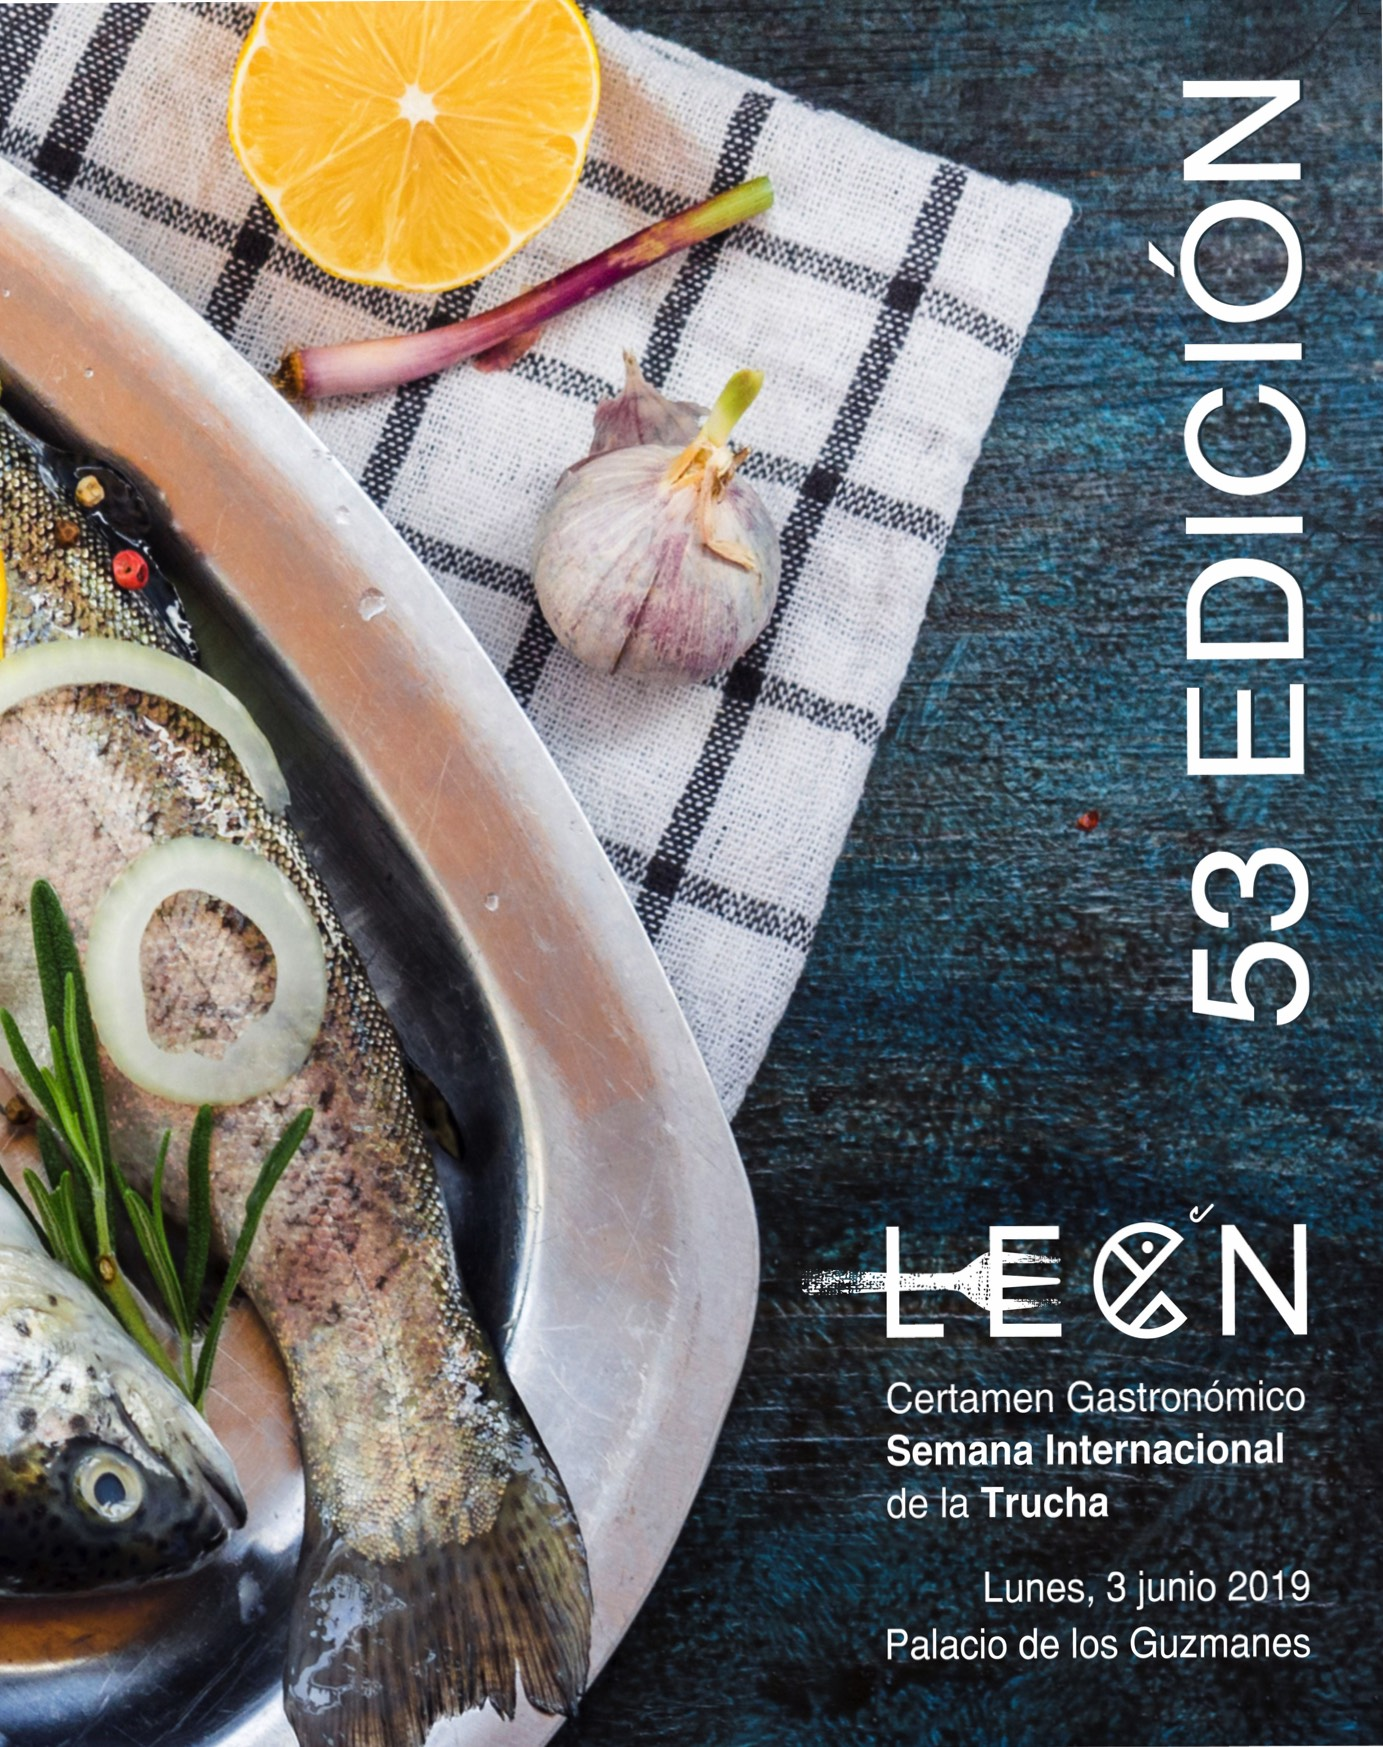 Se convoca el Concurso de Cocina Profesional de la Semana Internacional de la Trucha de León.